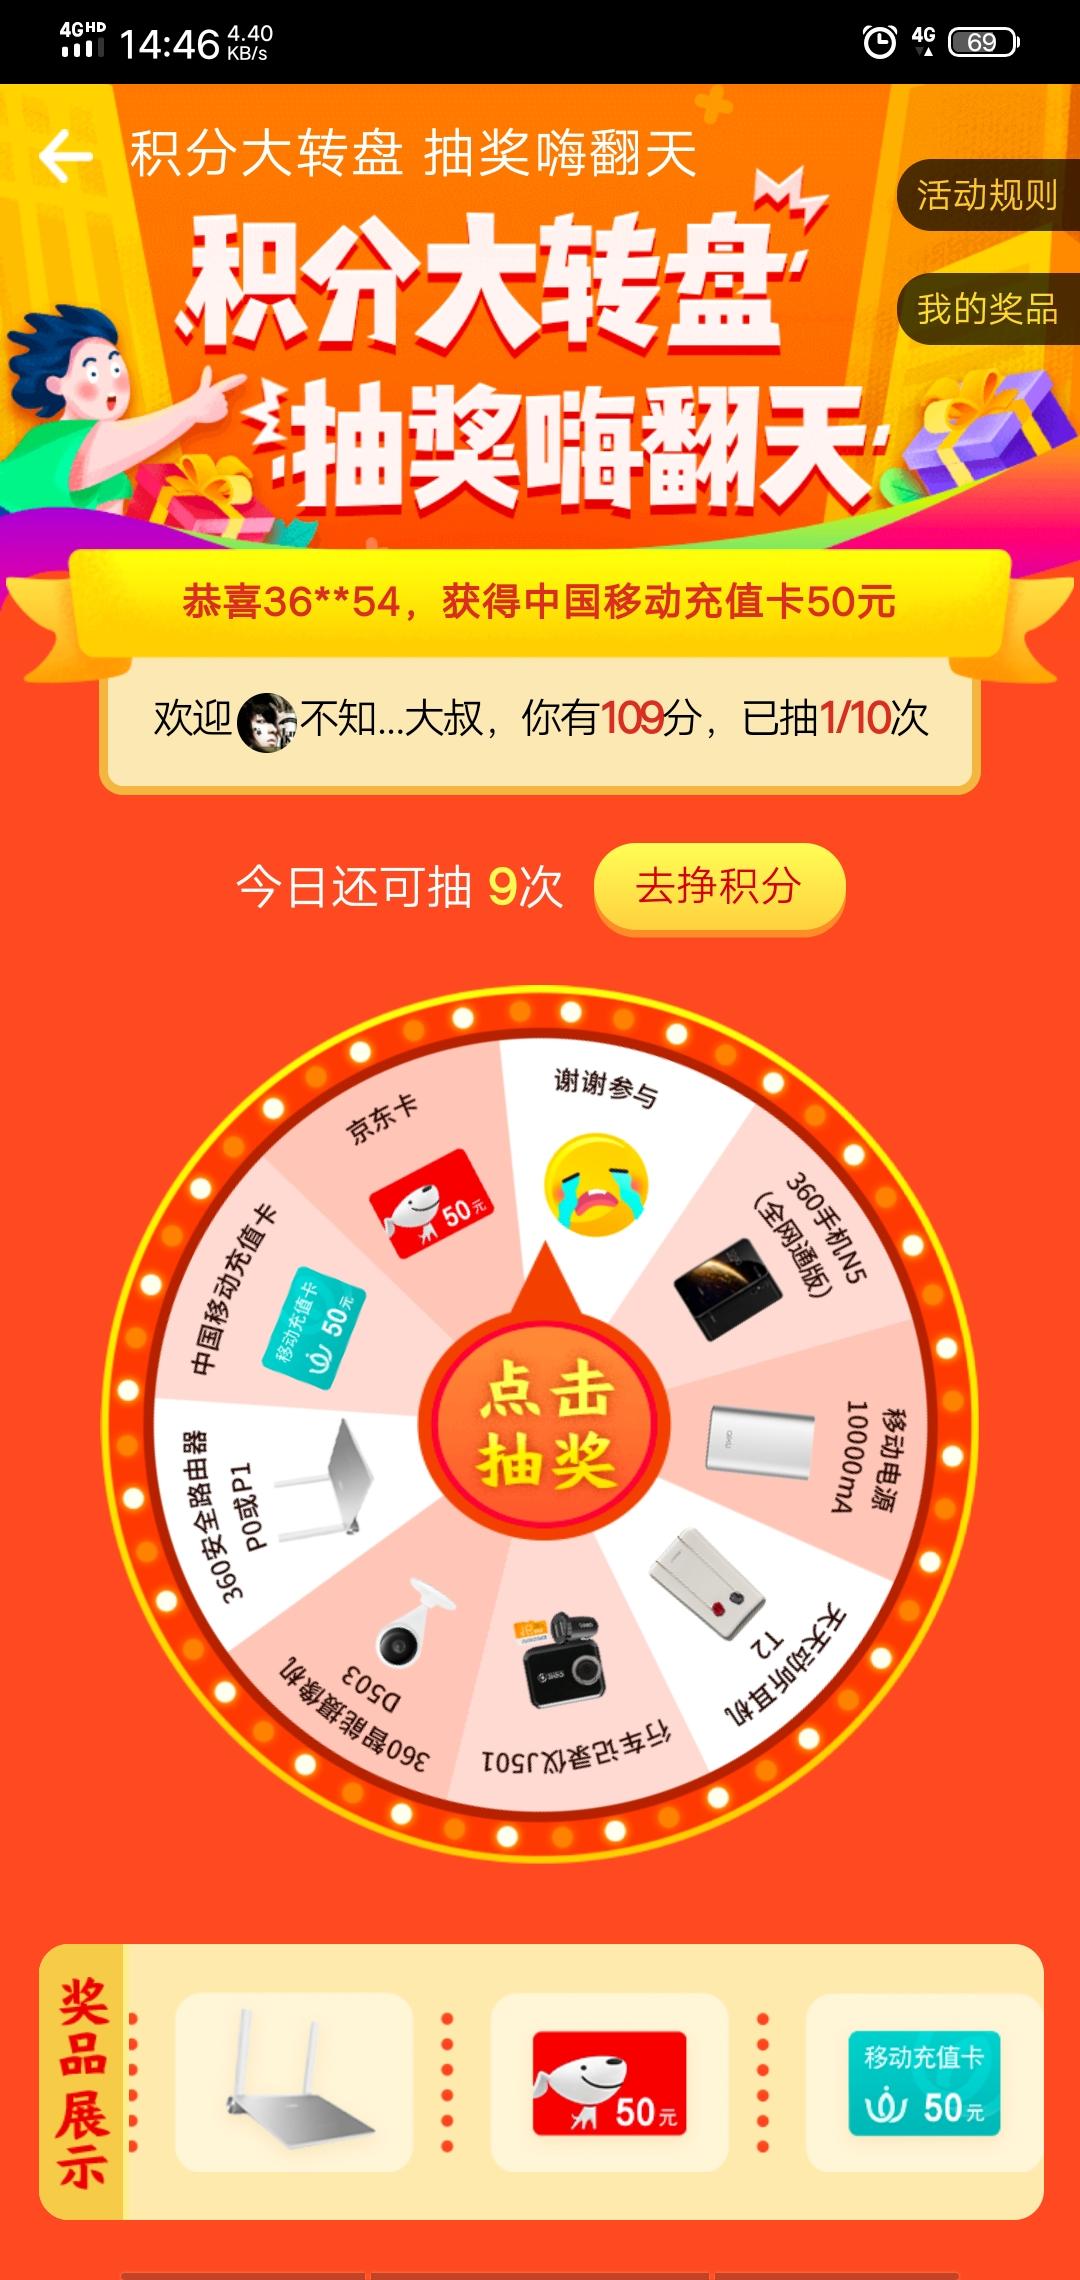 Screenshot_20201227_144609.jpg